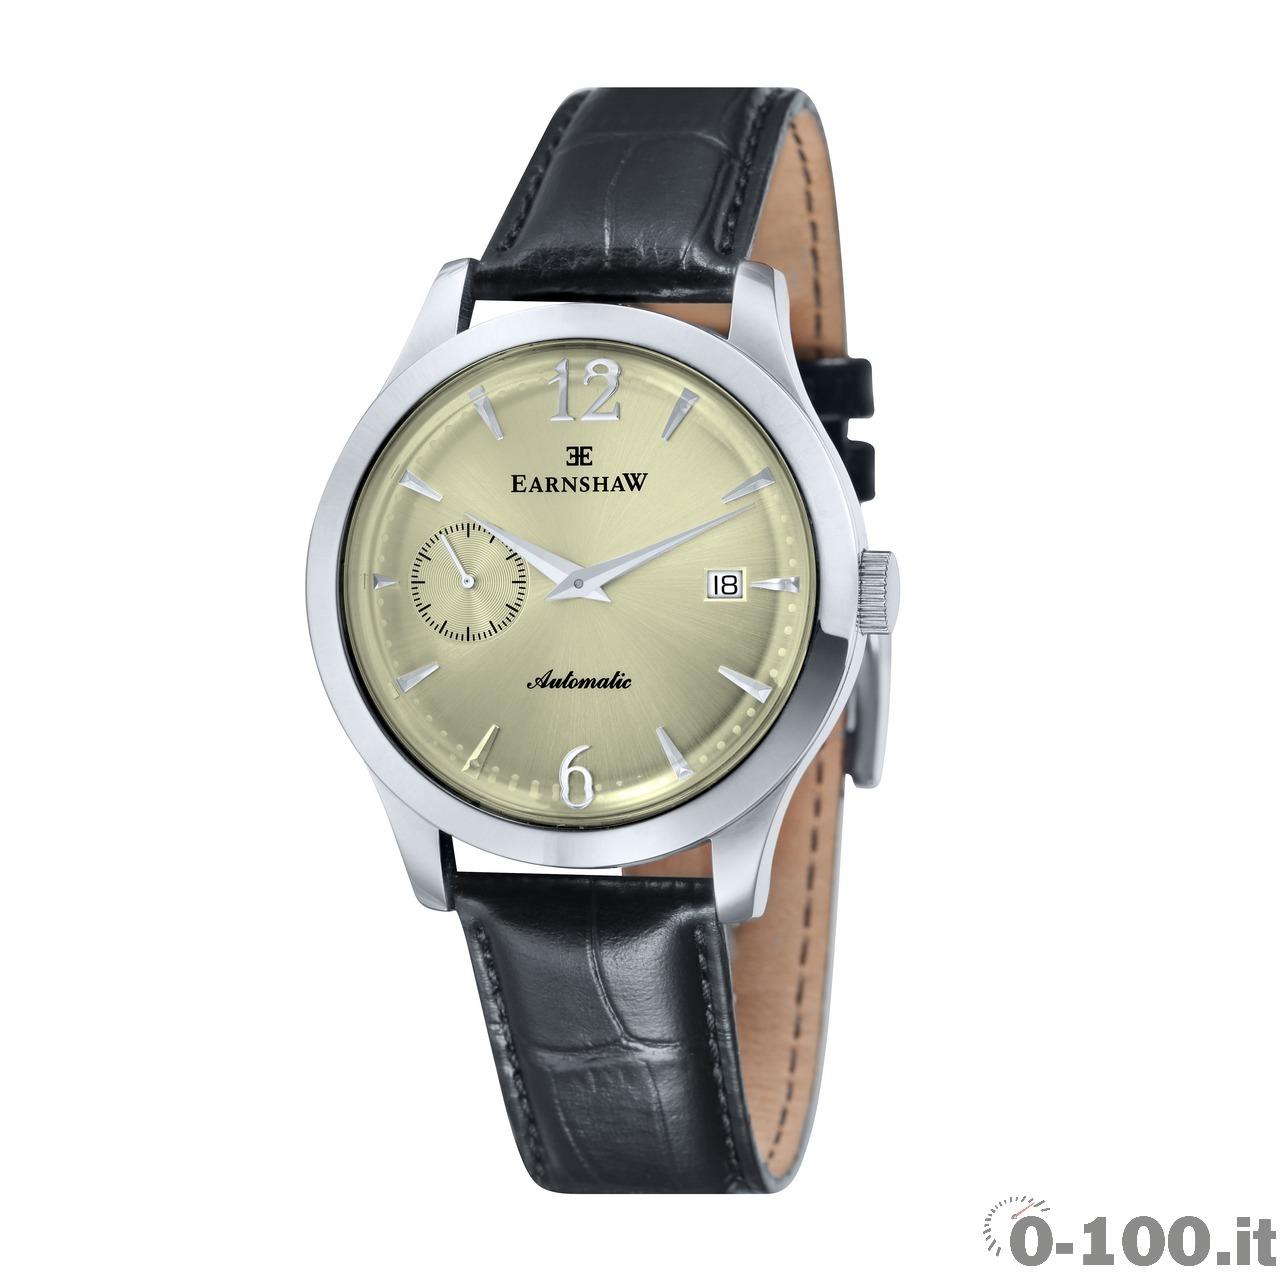 thomas-earnshaw-collezione-plymouth-prezzo-price_0-1001